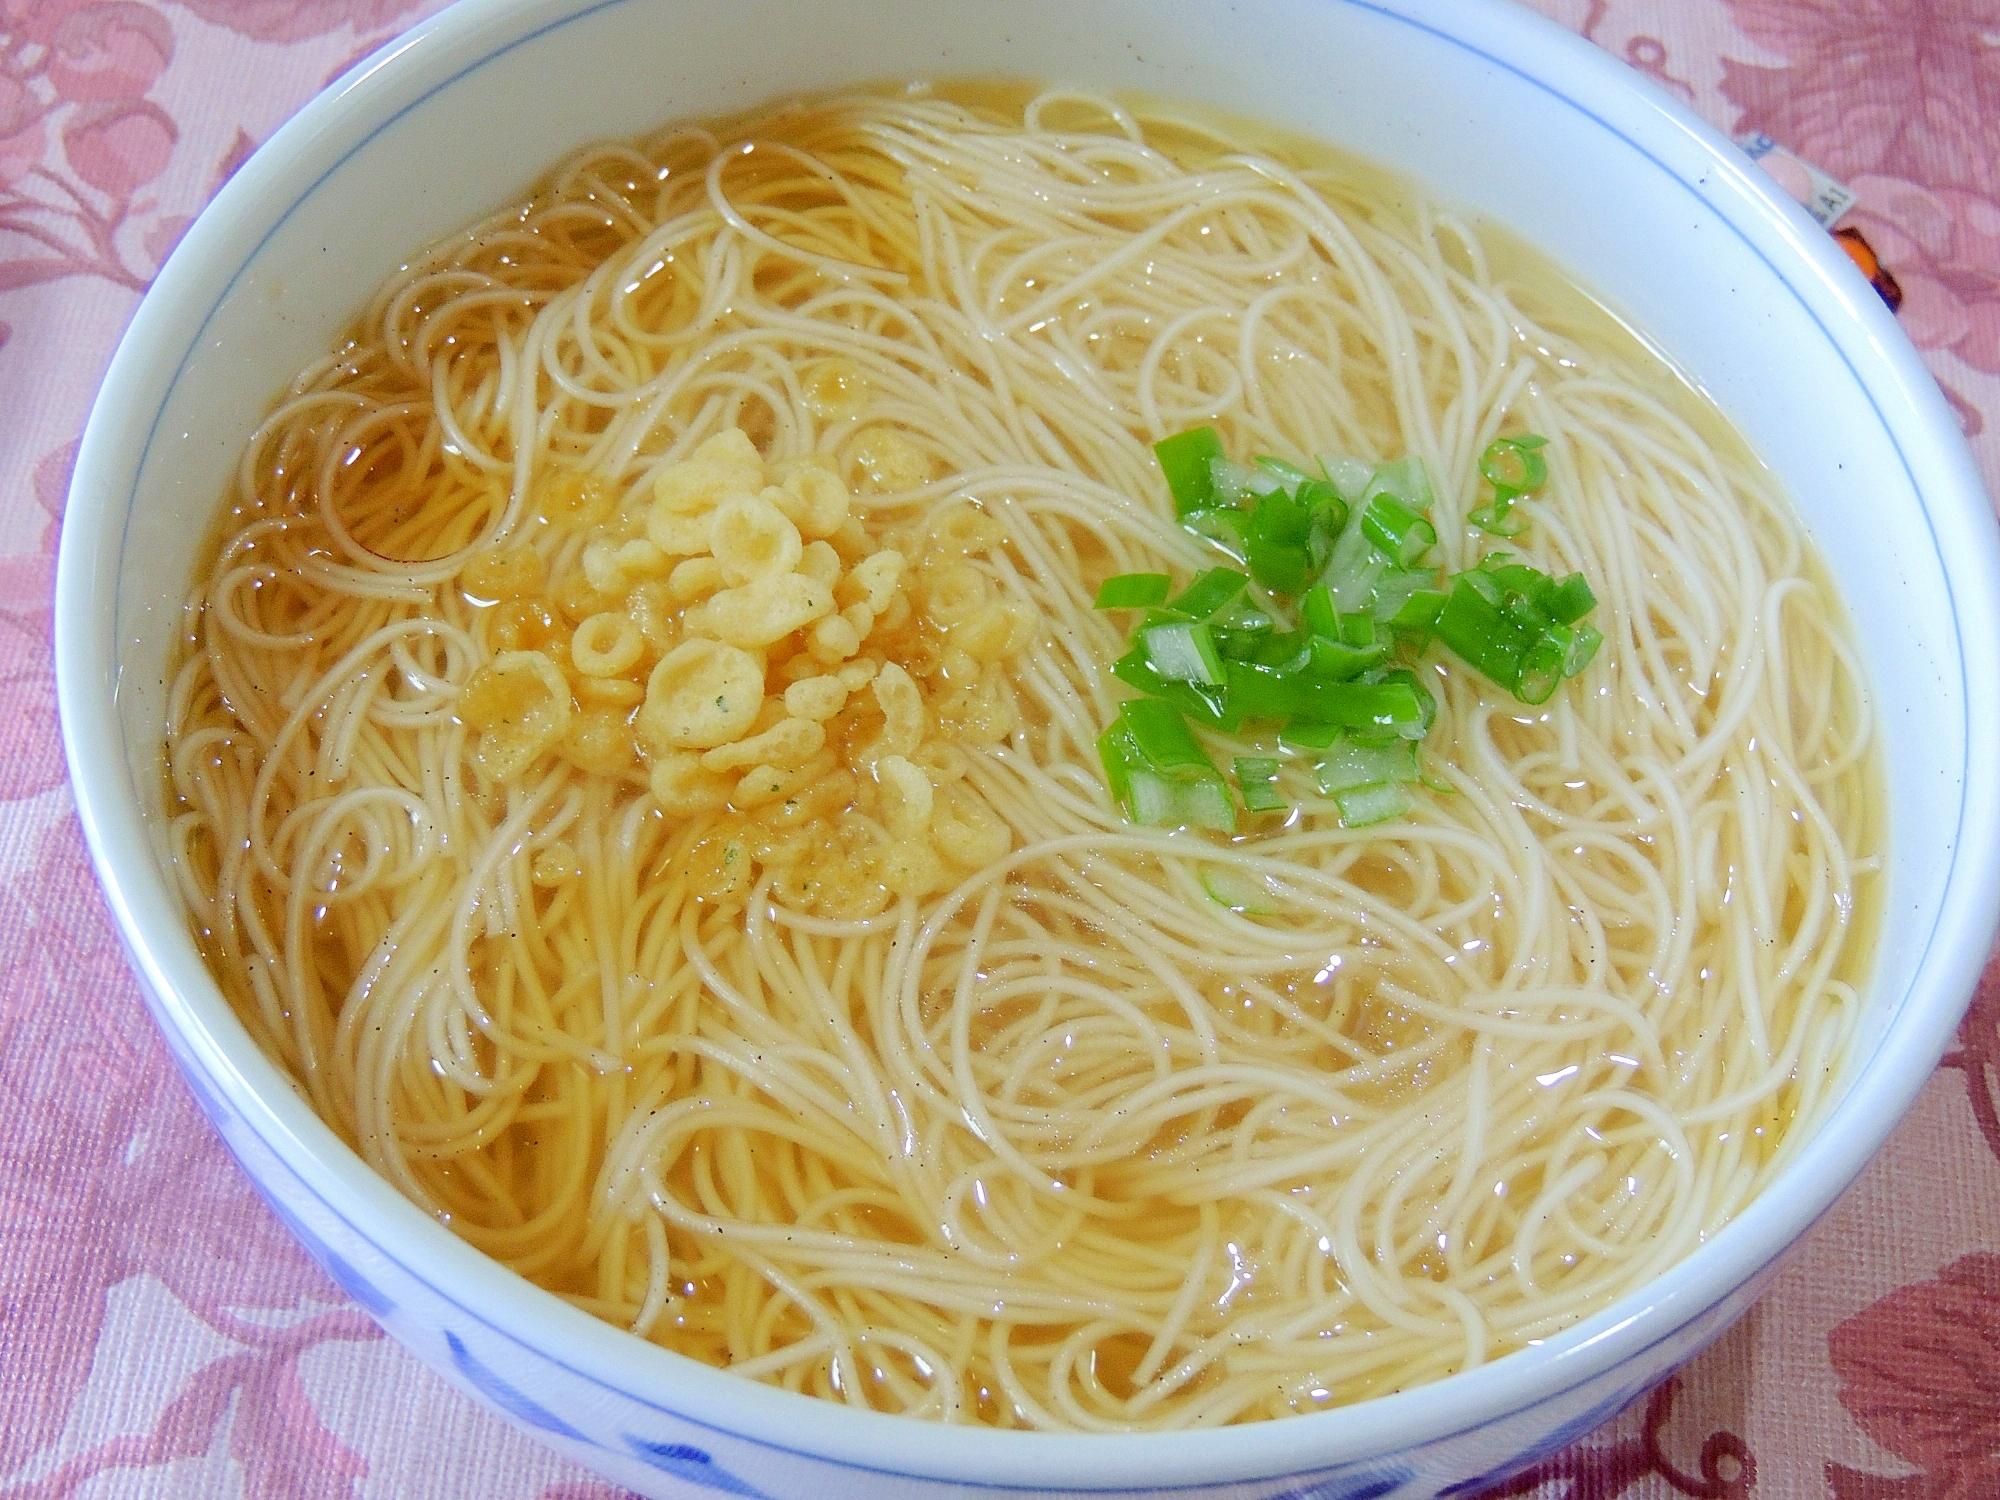 そうめん?乾麺の素麺で中華そば風そうめん レシピ・作り方 by やまさ|楽天レシピ